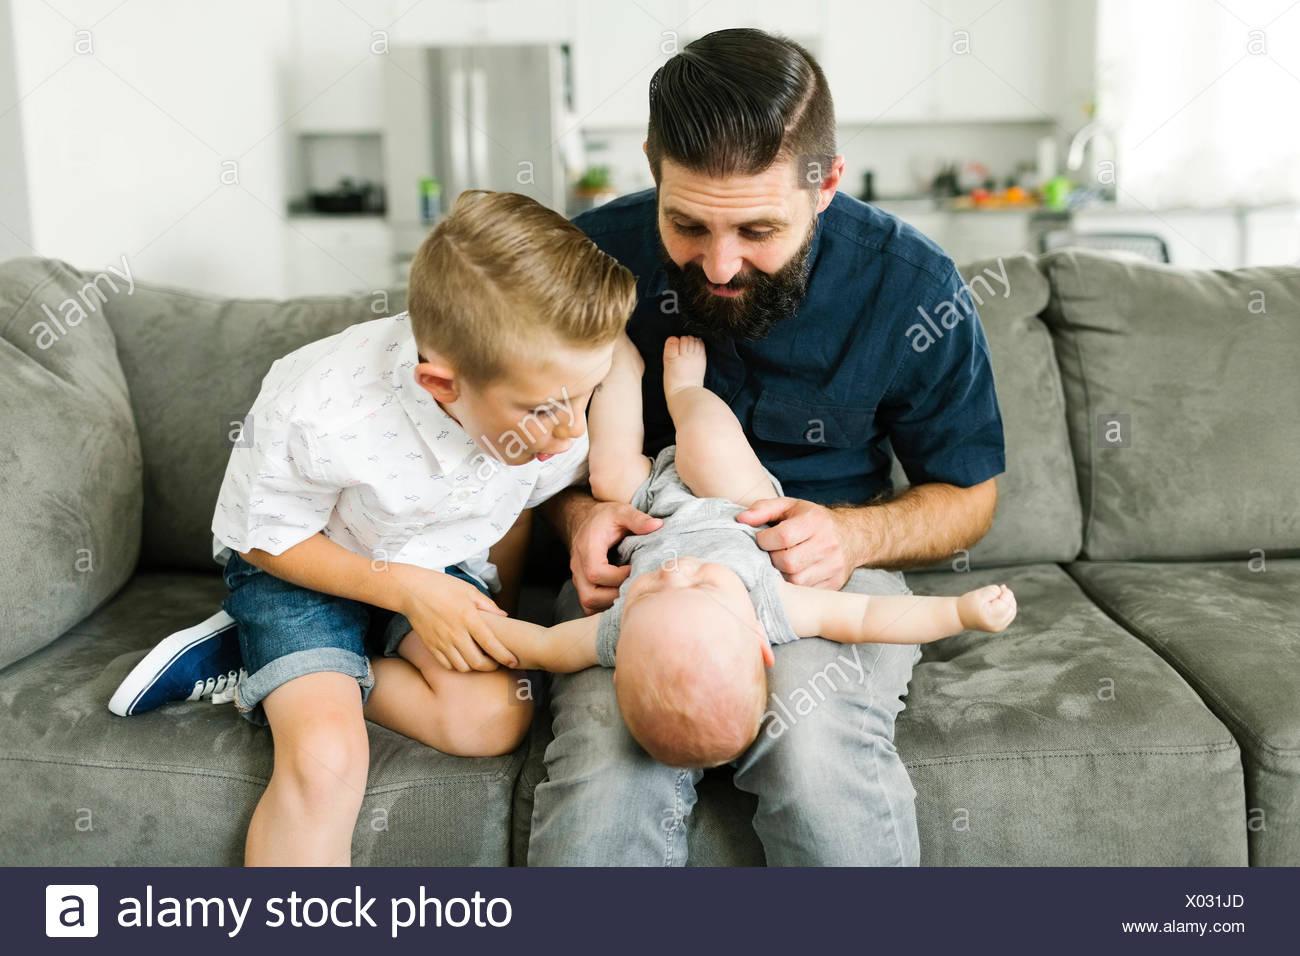 Le père et le garçon (6-7) à jouer avec bébé garçon (6-11 mois) dans la salle de séjour Photo Stock